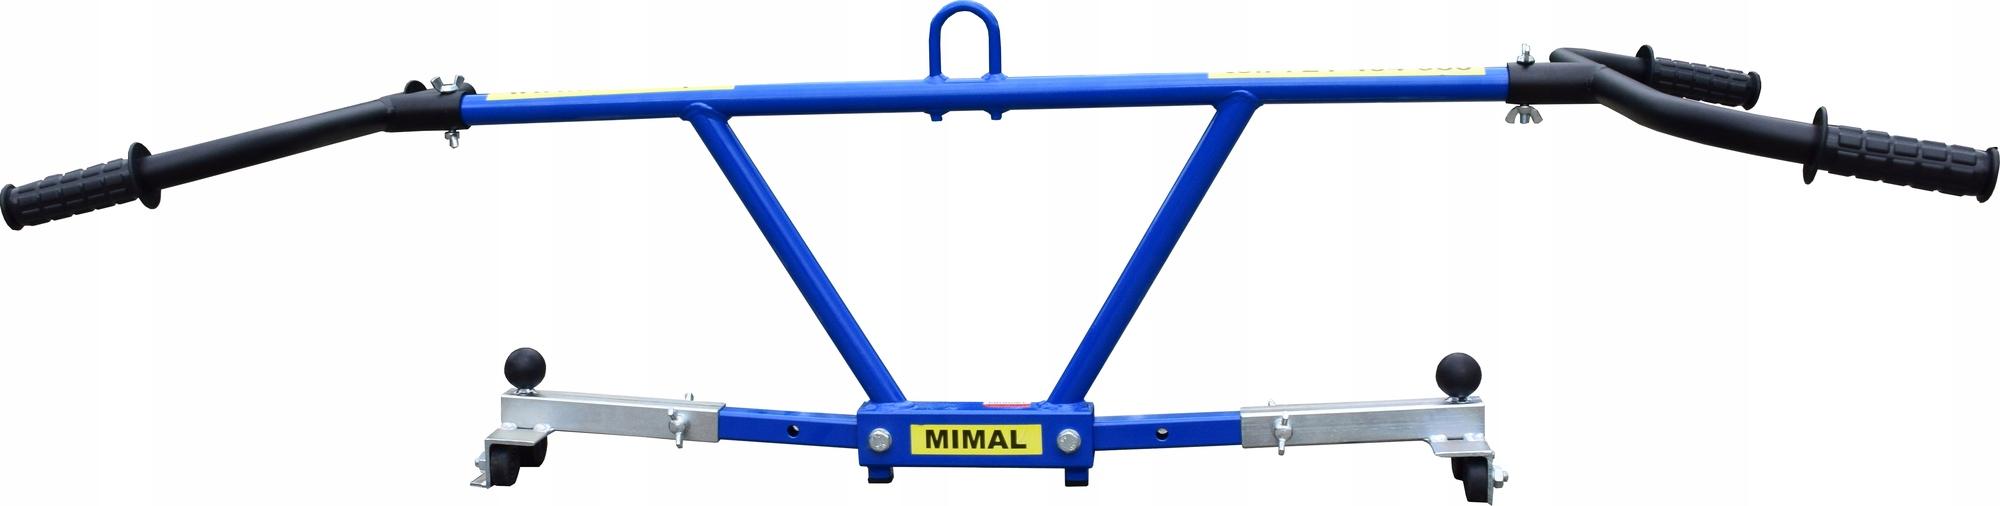 Продольный захват II для досок maxima LIBET Mimal CWL